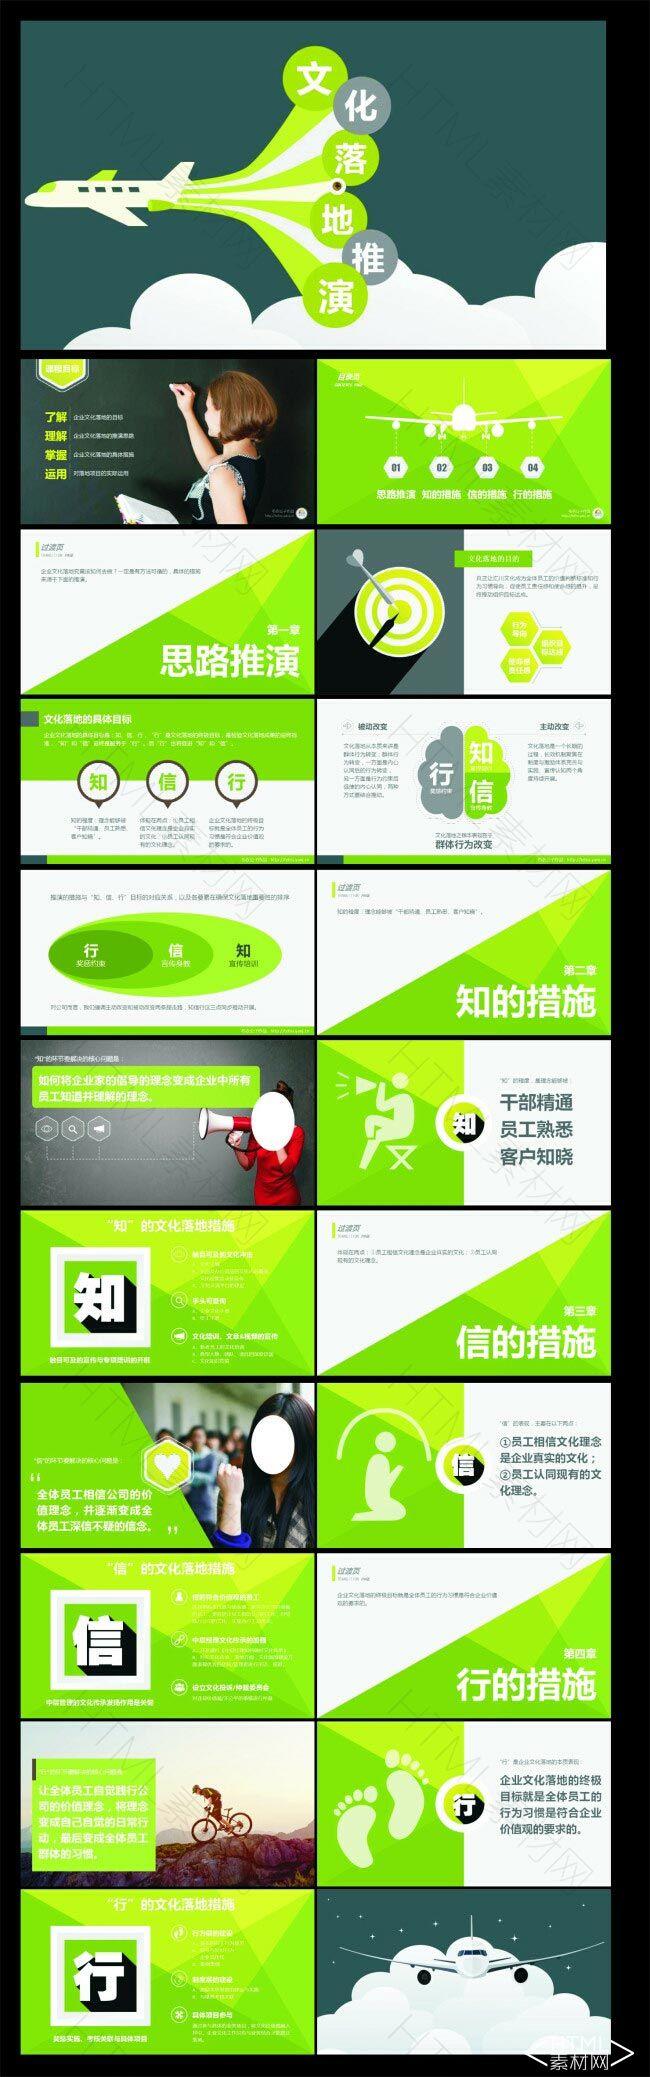 企业文化培训PPT模板下载.jpg